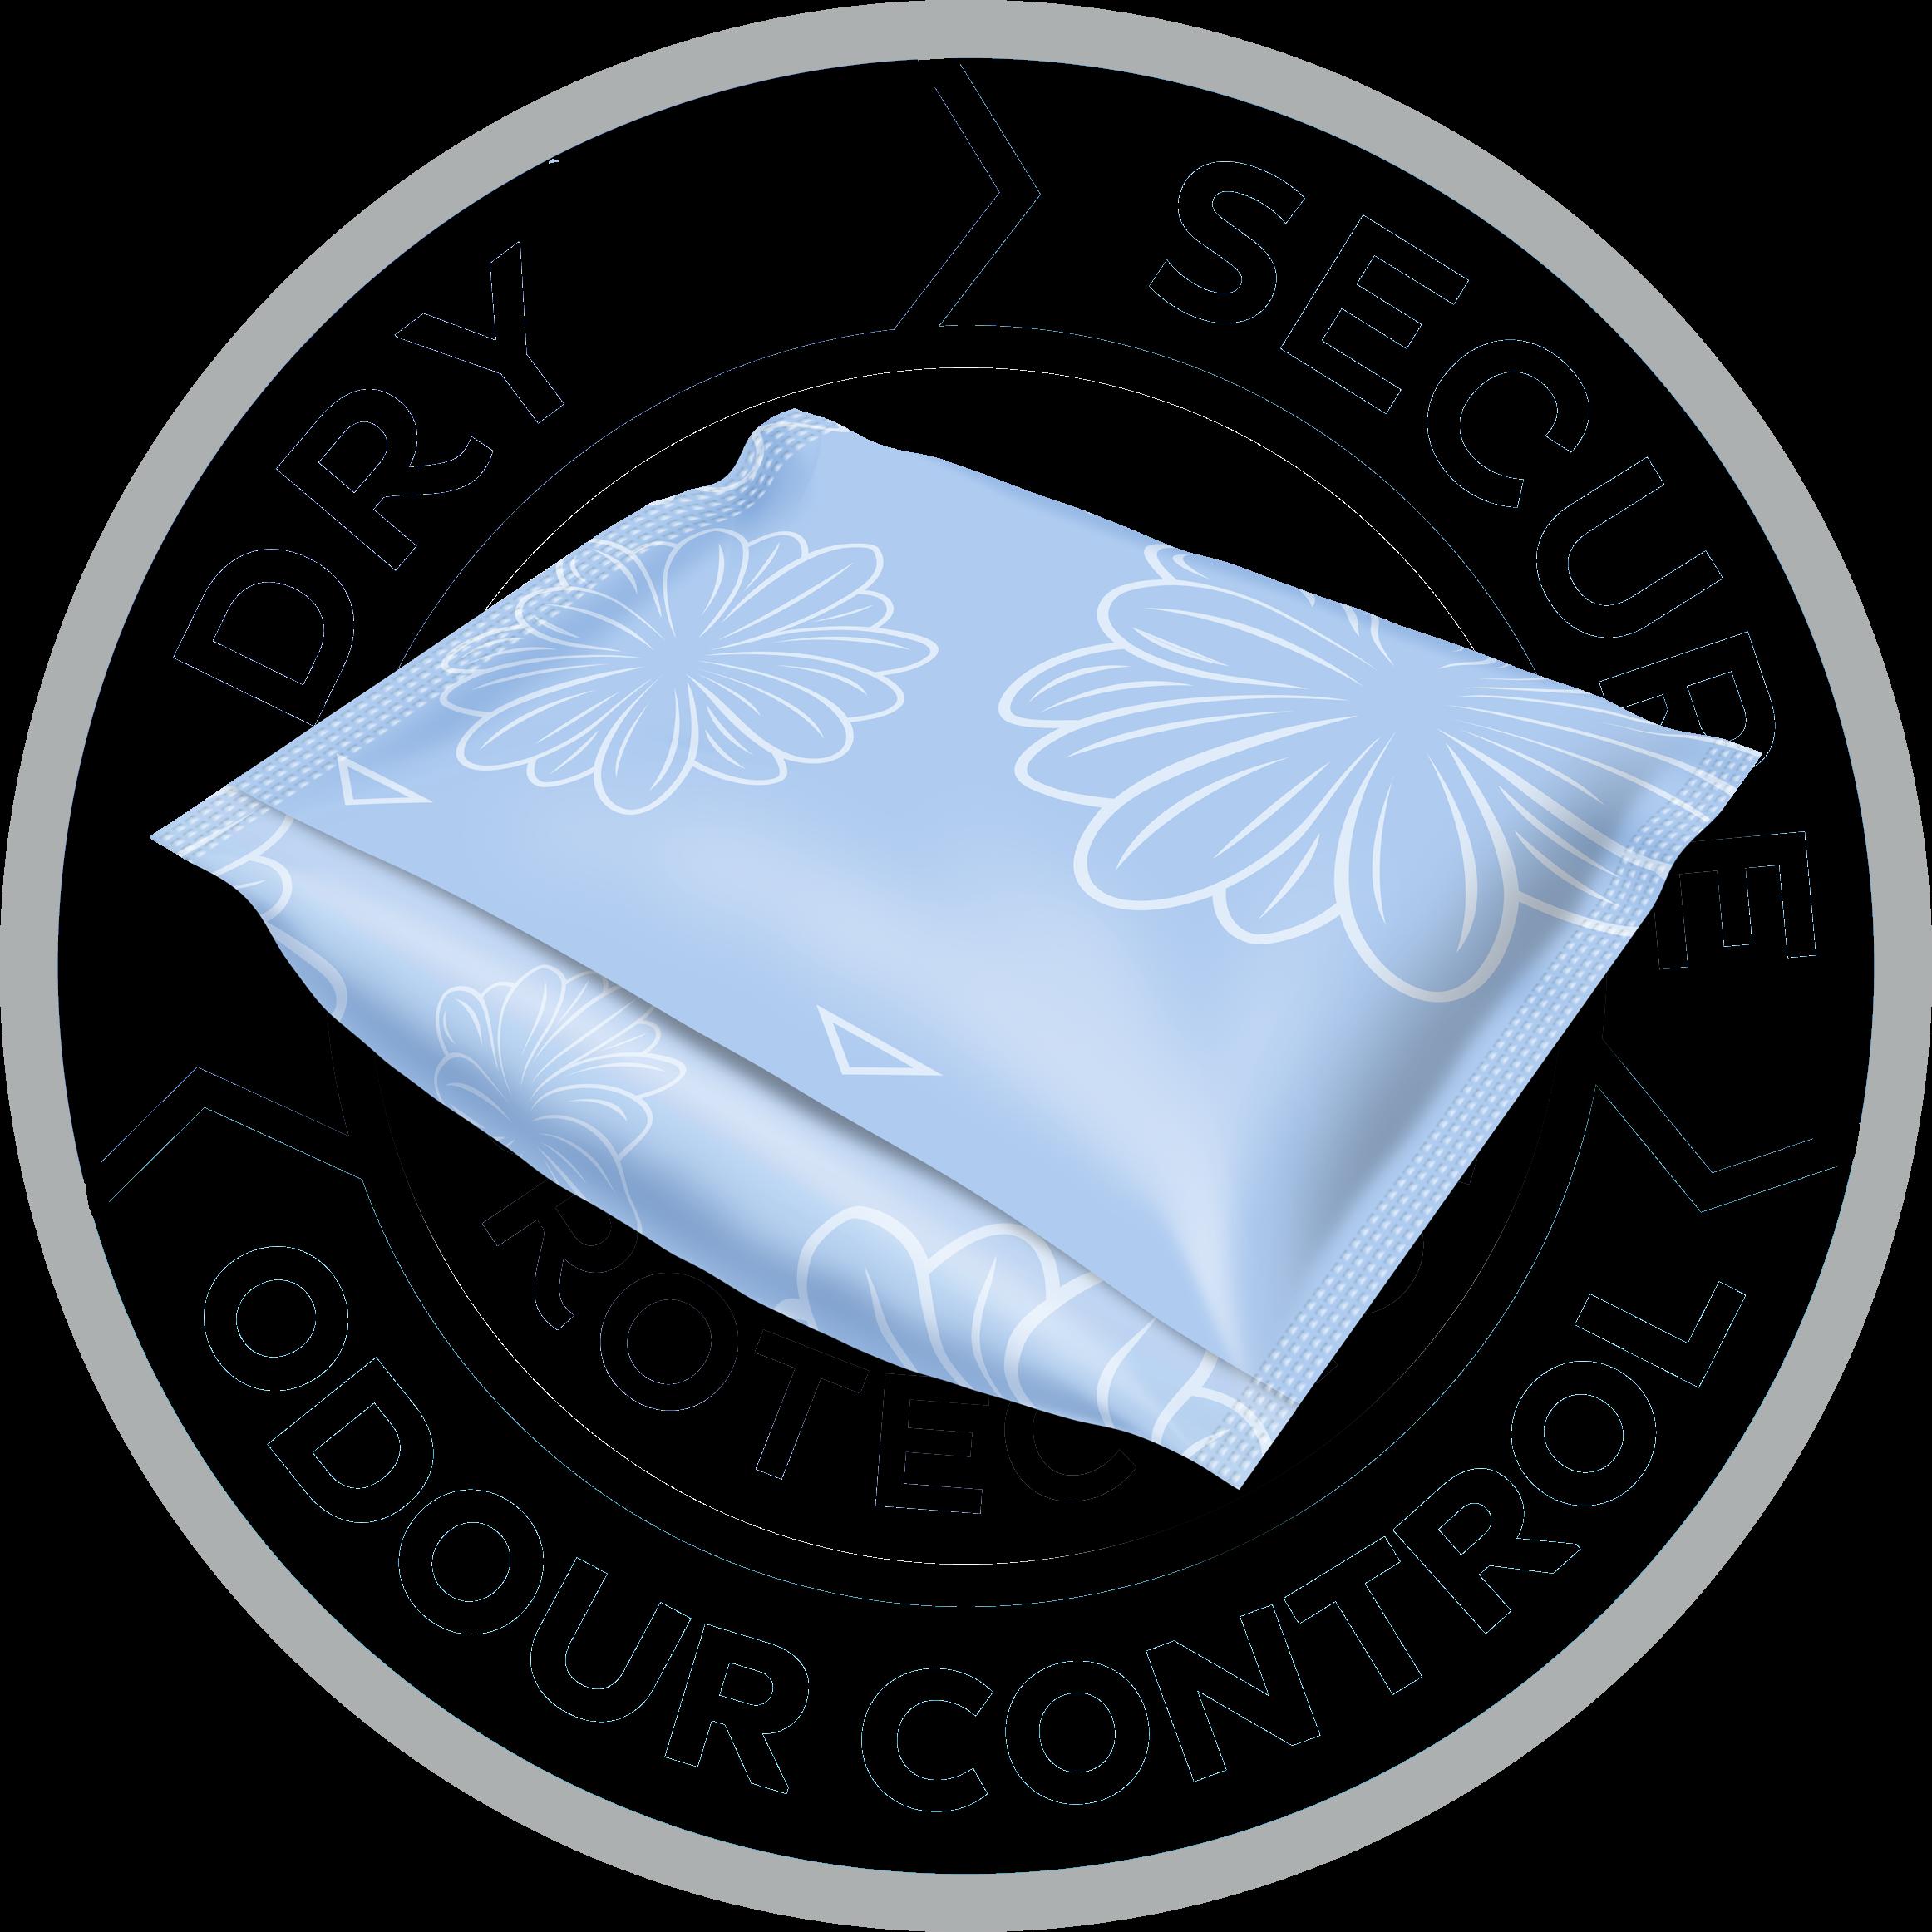 Gli assorbenti per incontinenza TENA Discreet sono confezionati singolarmente